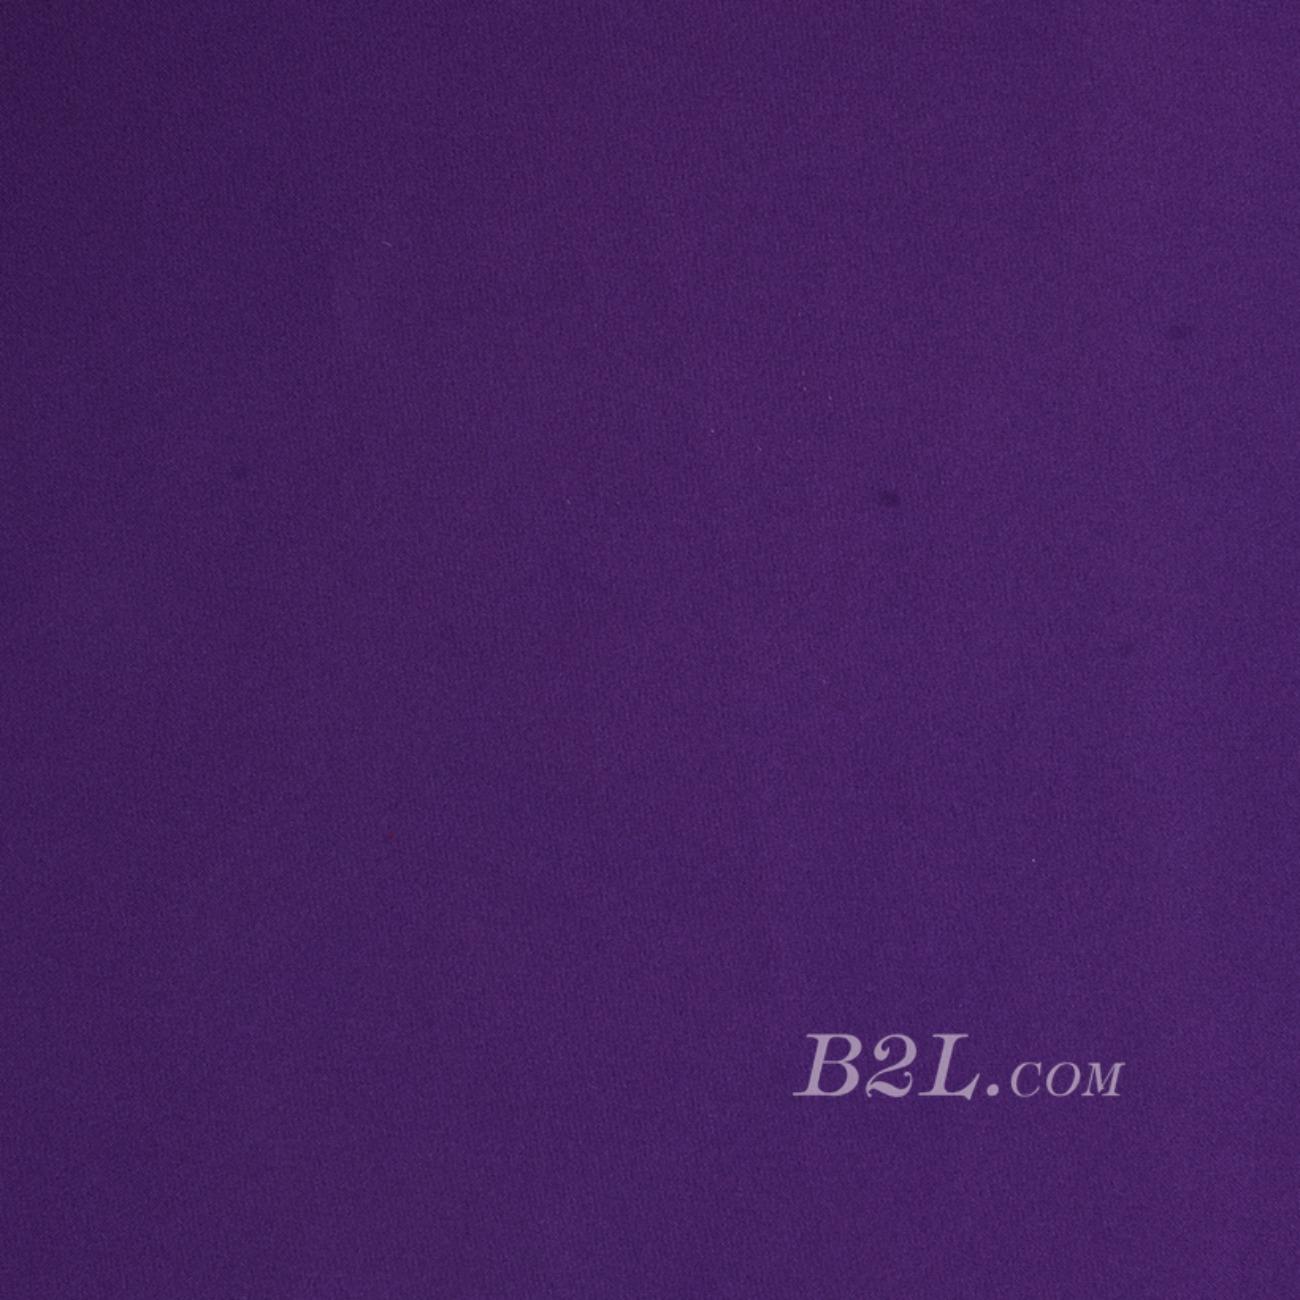 平纹梭织素色染色连衣裙 短裙 衬衫 低弹 春 秋 柔软 70823-40